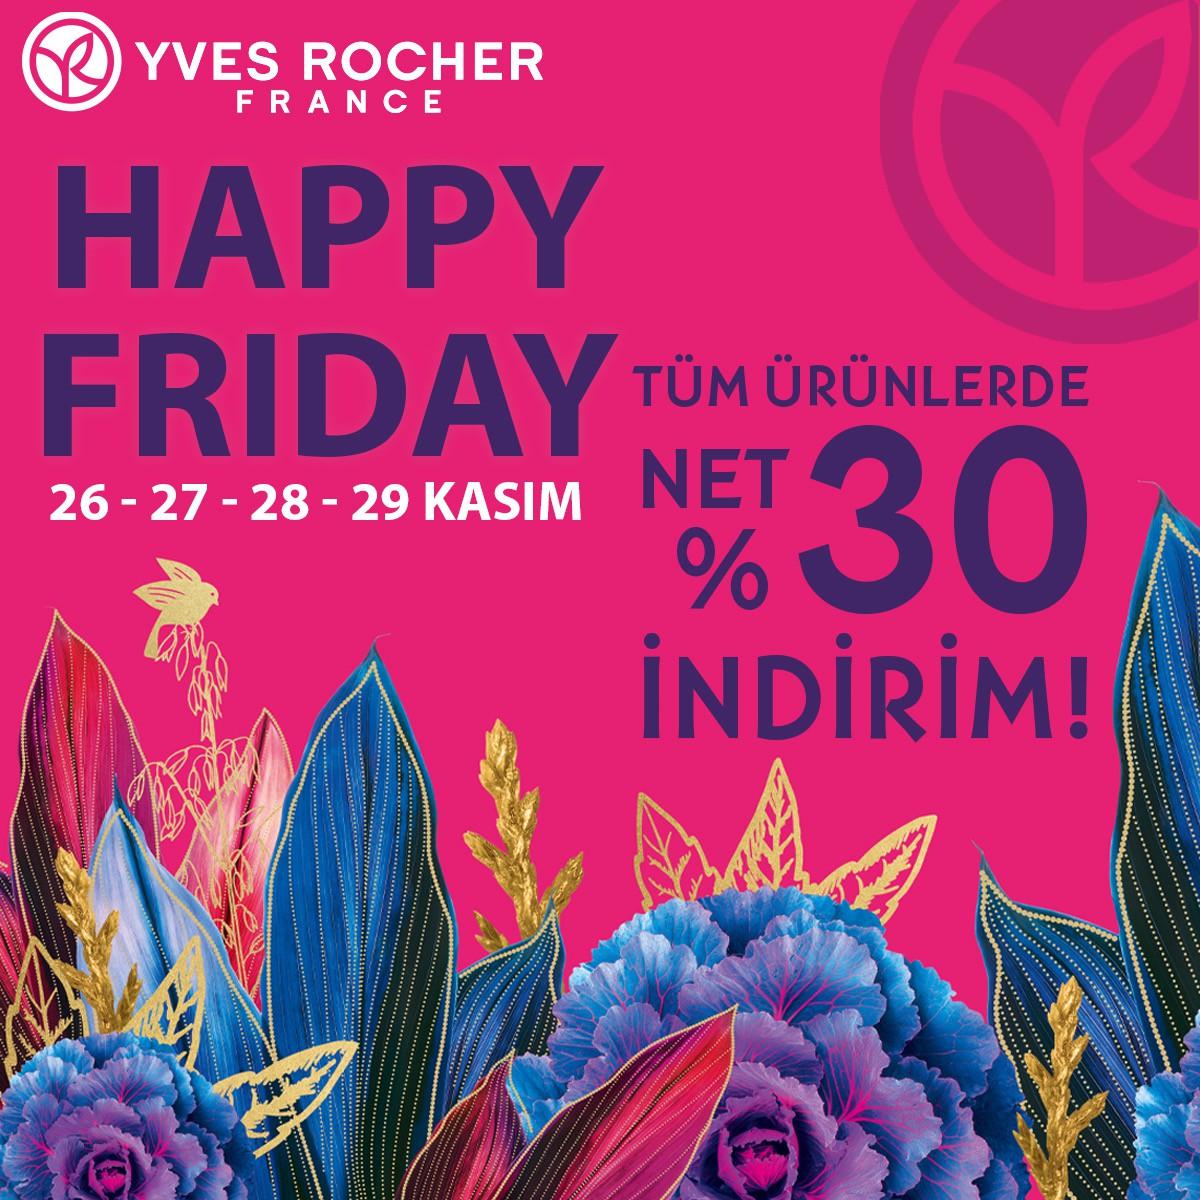 Sevdiklerimize hediyeler almak, onları mutlu etmek için en doğru zaman geldi! 26 – 27 – 28 ve 29 Kasım tarihlerinde Antalya Migros AVM Yves Rocher mağazasında tüm ürünler NET %30 İNDİRİM ile sizleri bekliyor!